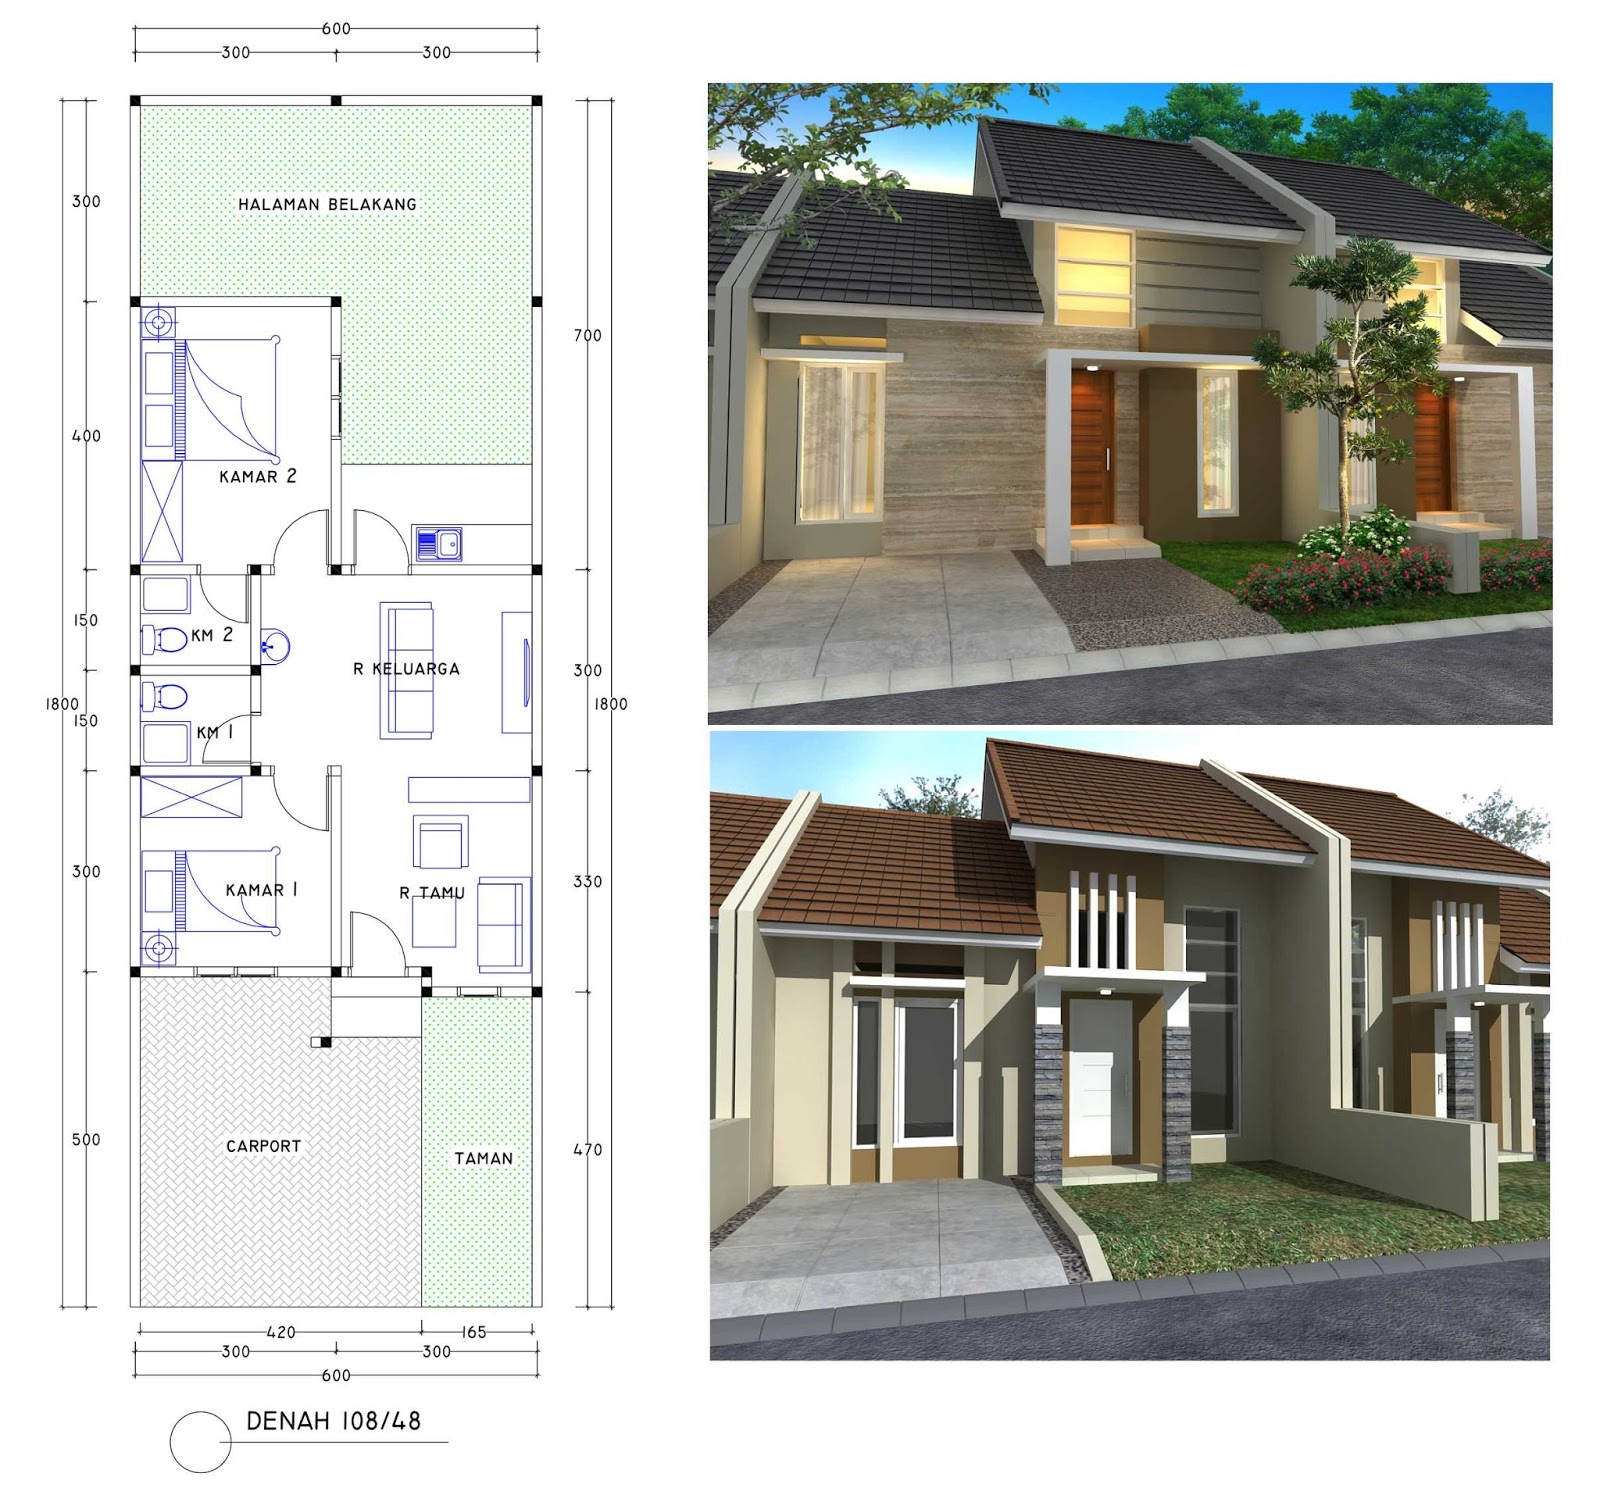 Bentuk  Denah Rumah Sederhana Lebar 6 Meter  Terkini Gratis